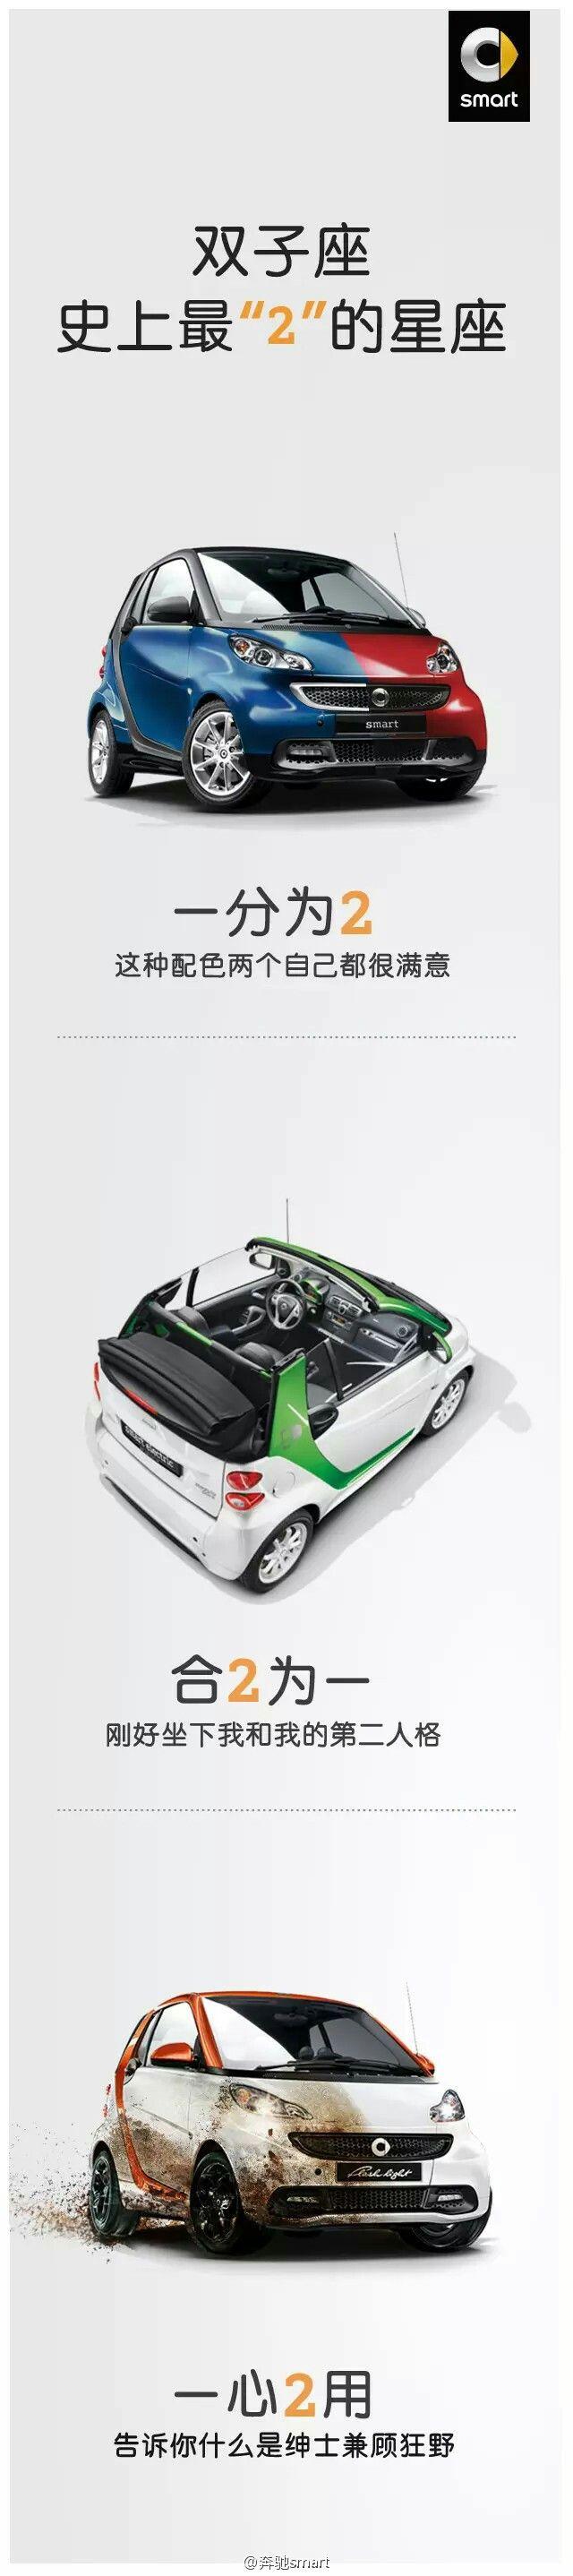 Benz Smart